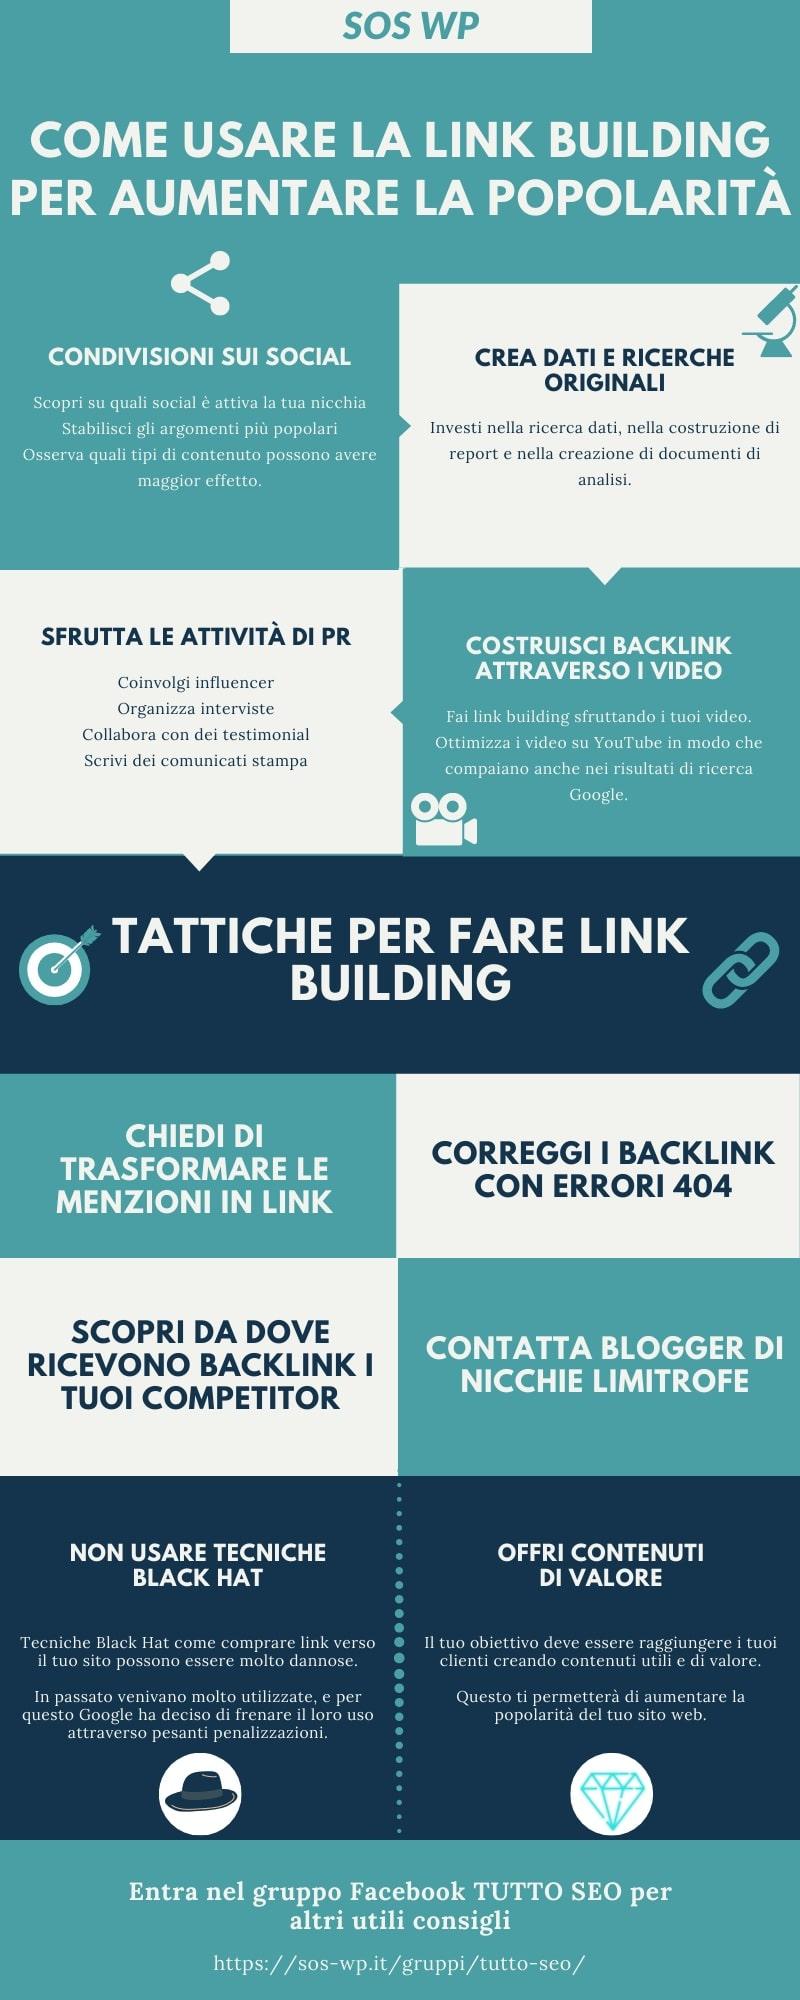 Infografica strategie e tattiche per fare link building